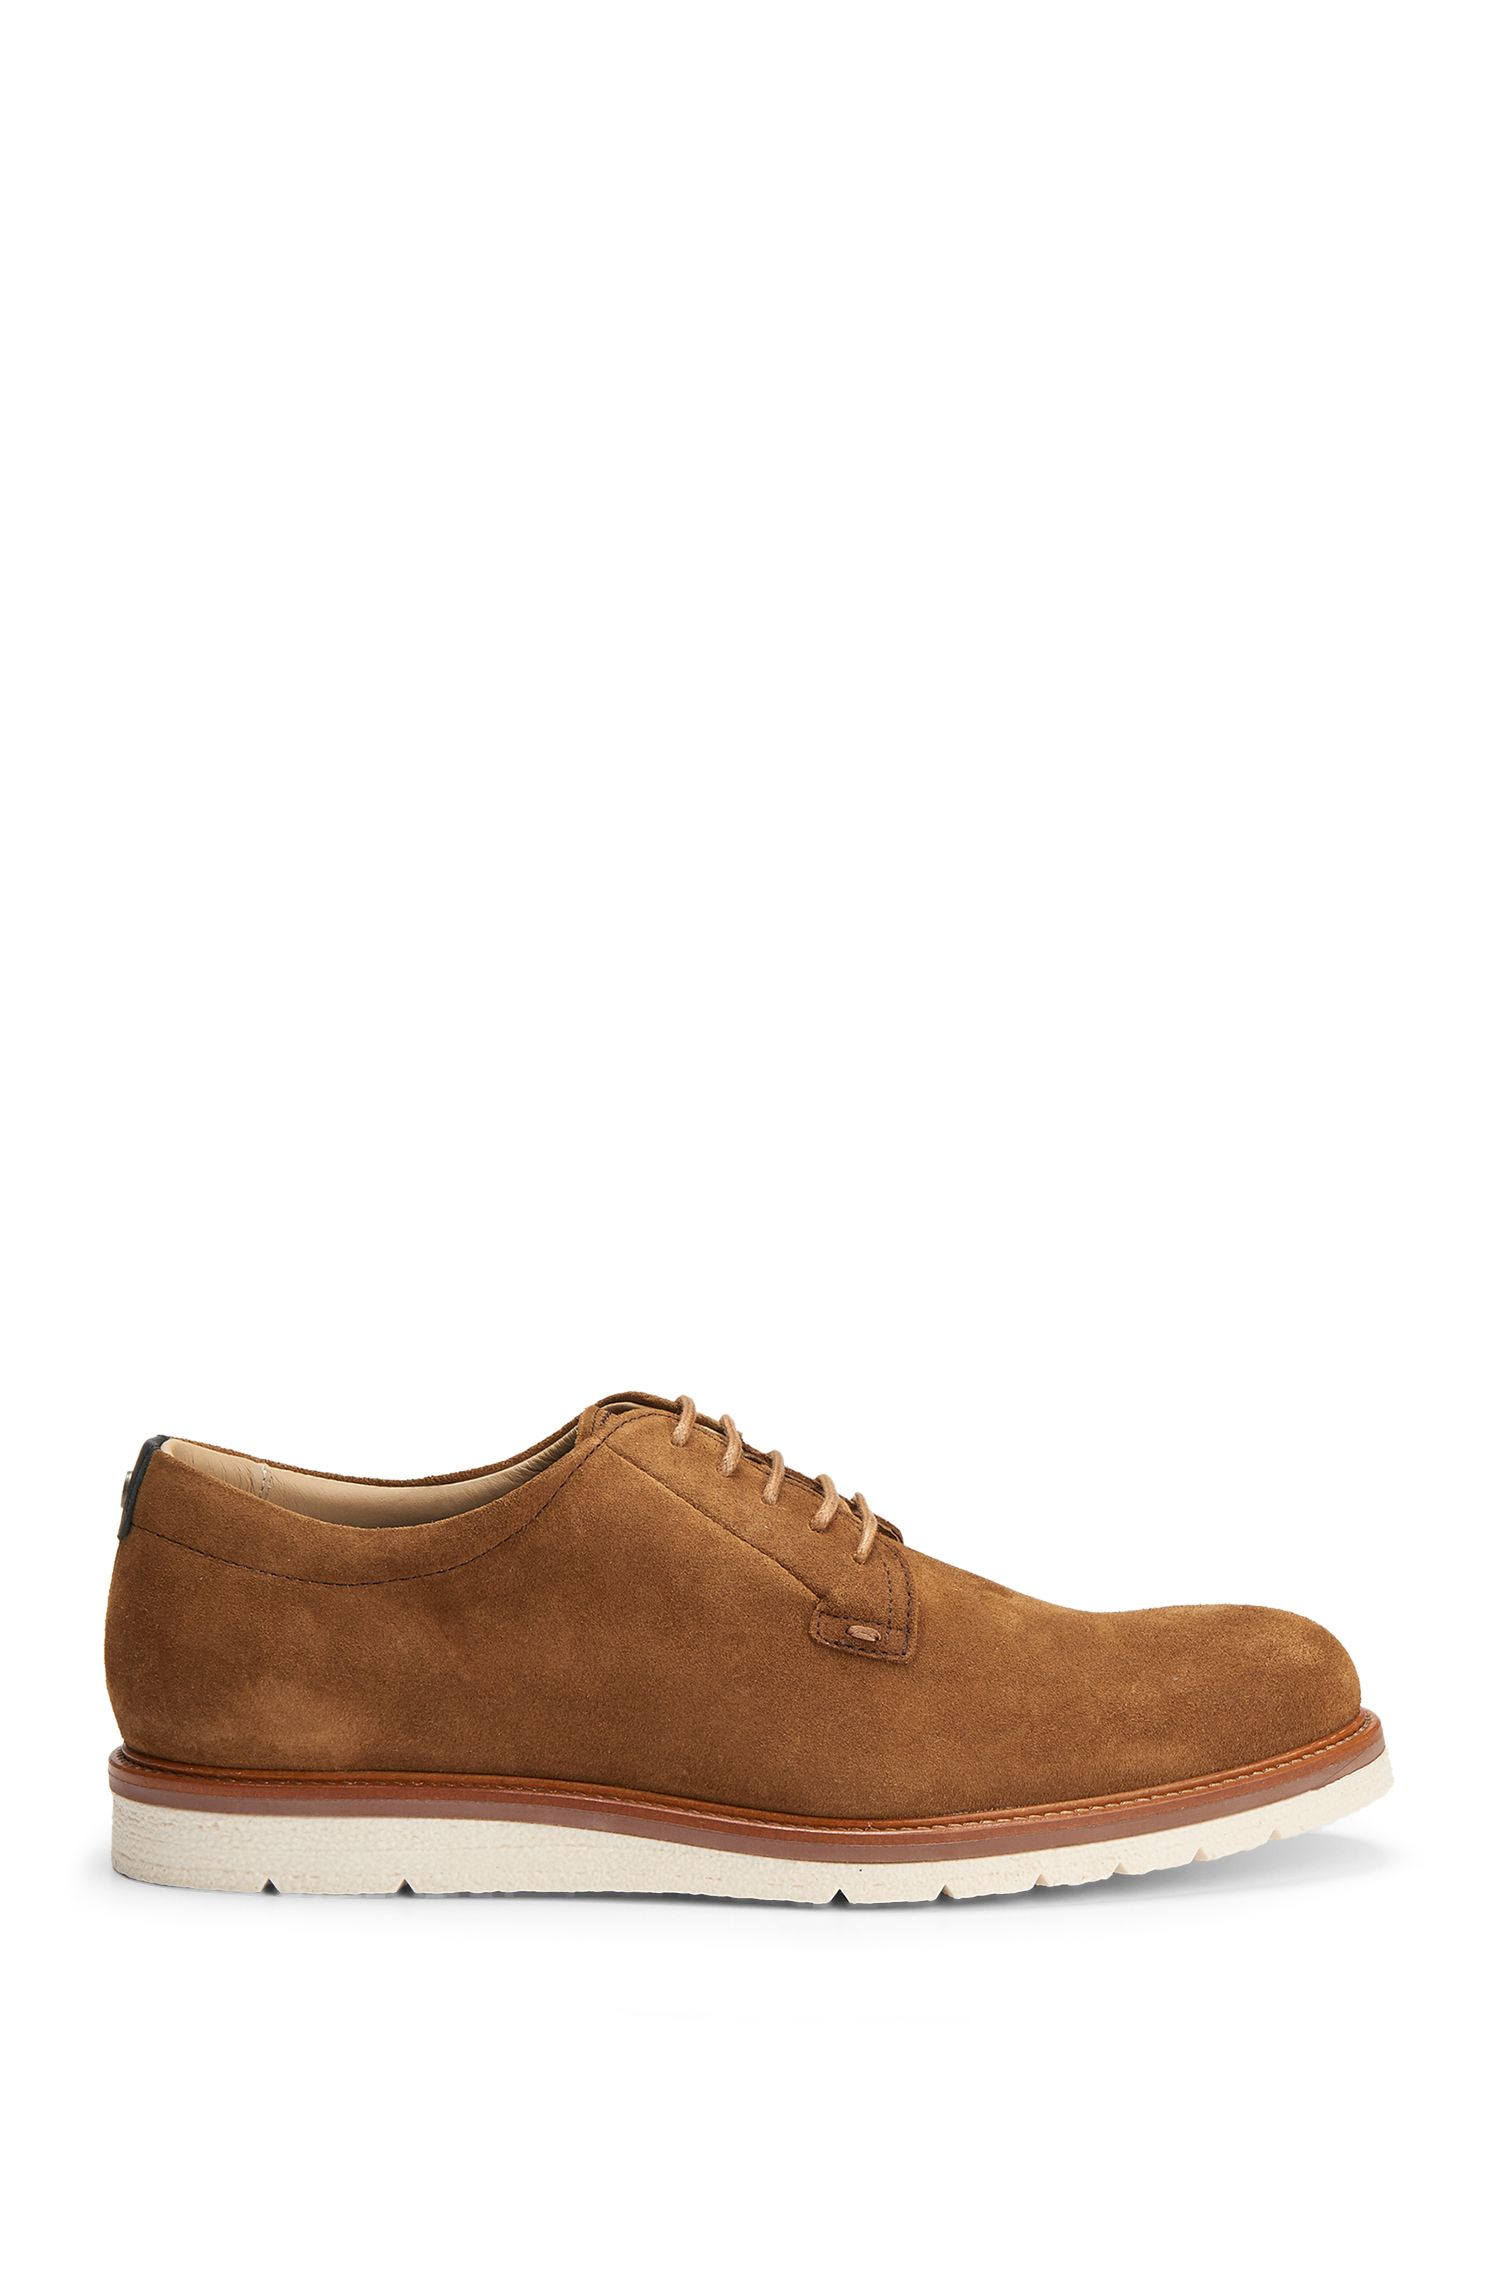 Suede Derby Shoe | Tuned Derb Sd1